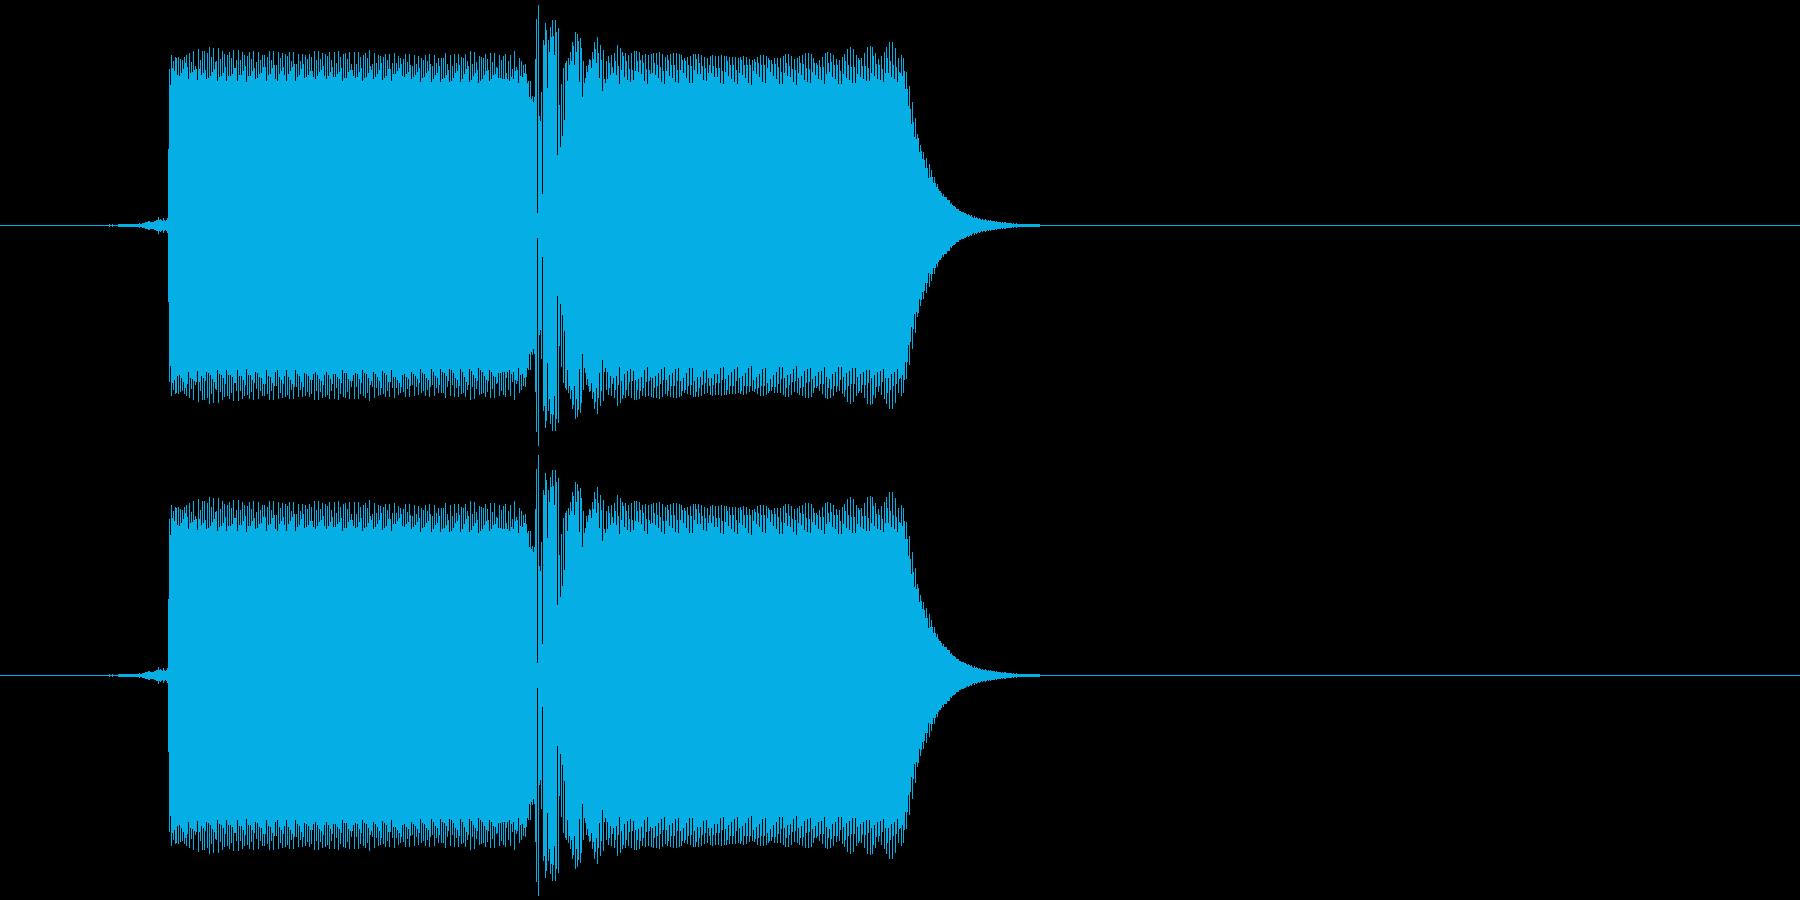 ファミコン風8bit レトロな選択音の再生済みの波形